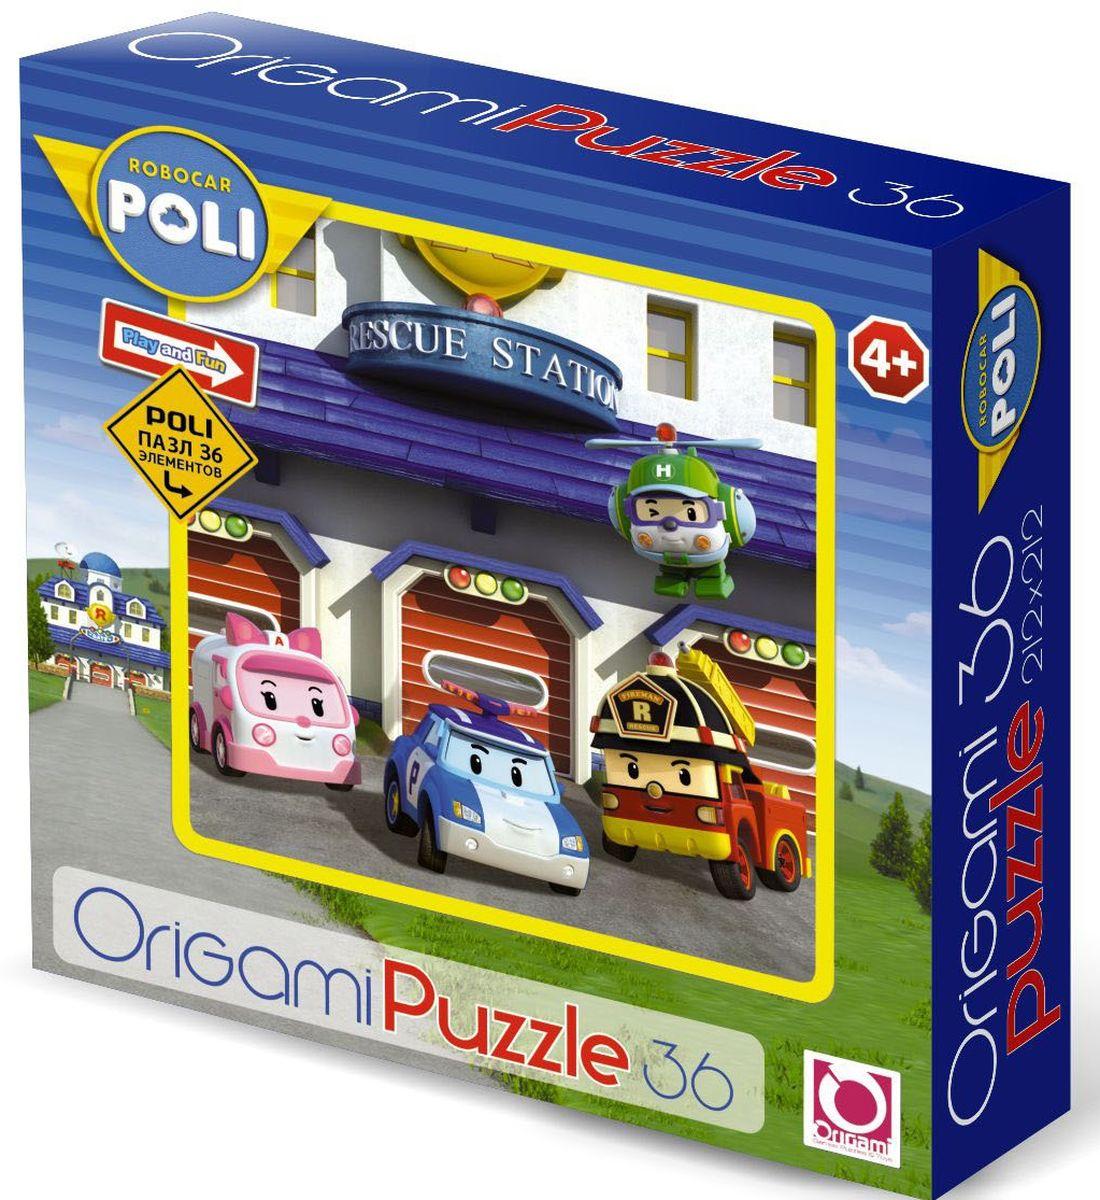 Оригами Пазл для малышей Robocar Poli 00170 пазл 3d 216 элементов оригами эйфелева башня